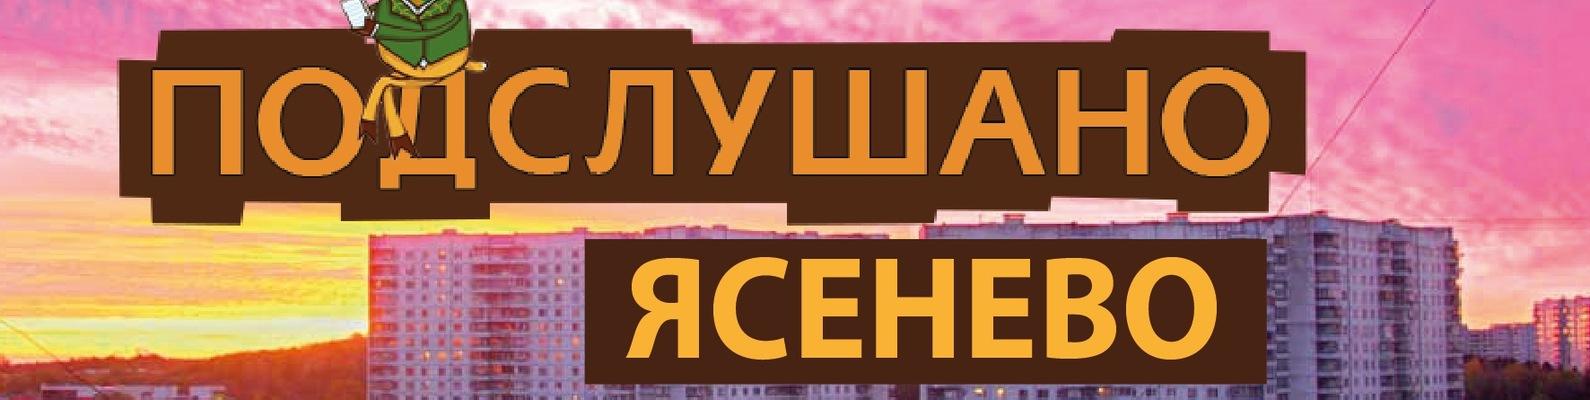 Работа без медицинской книжки Москва Ясенево